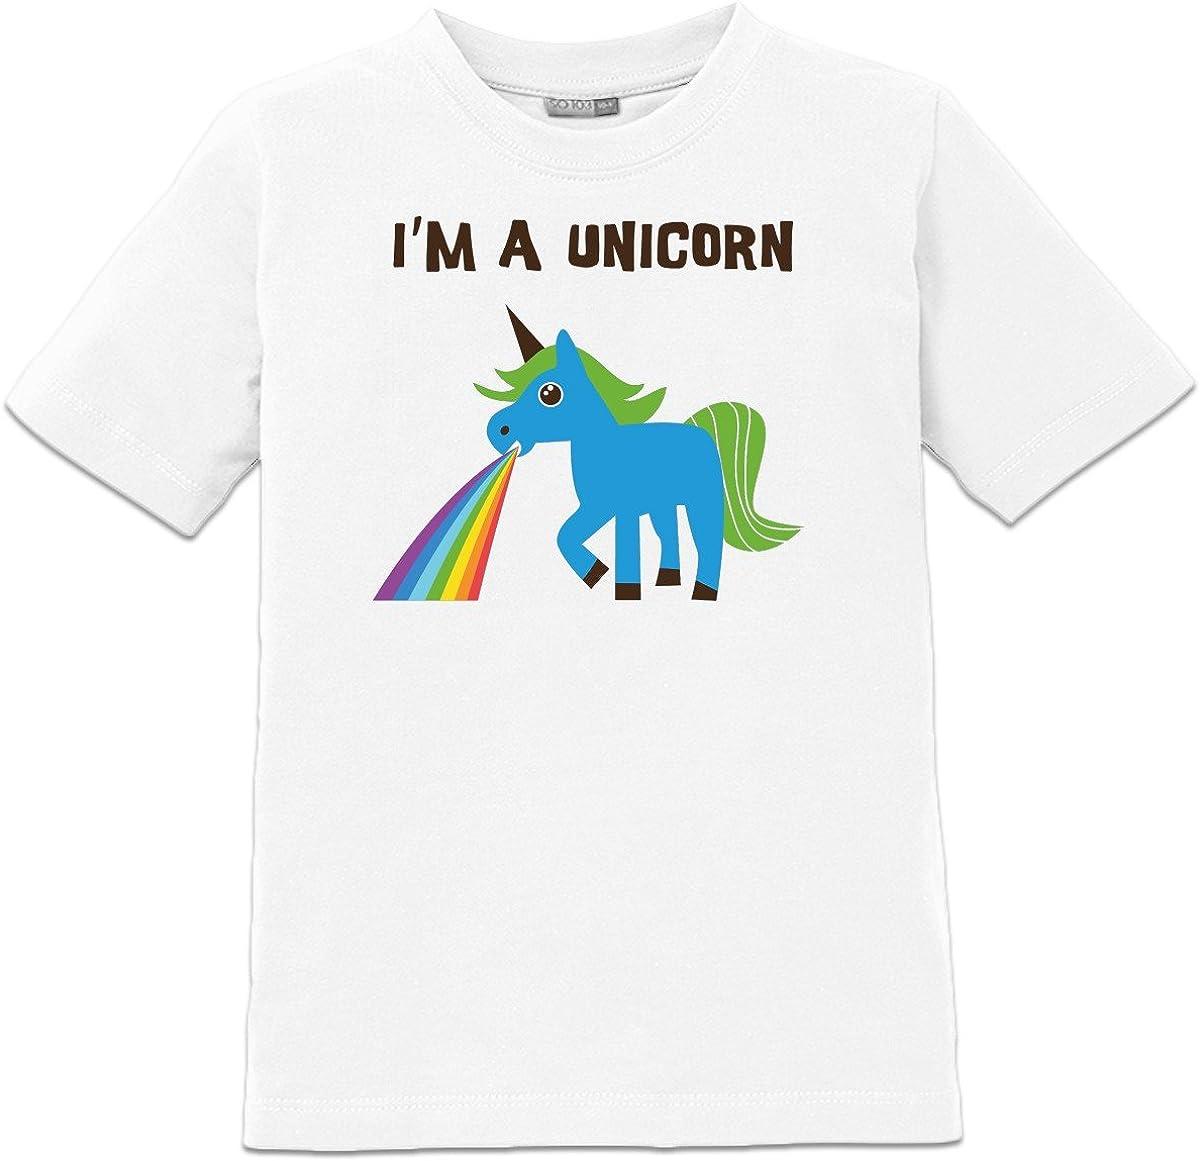 Camiseta de niño Im a Unicorn by Shirtcity: Amazon.es: Ropa y accesorios